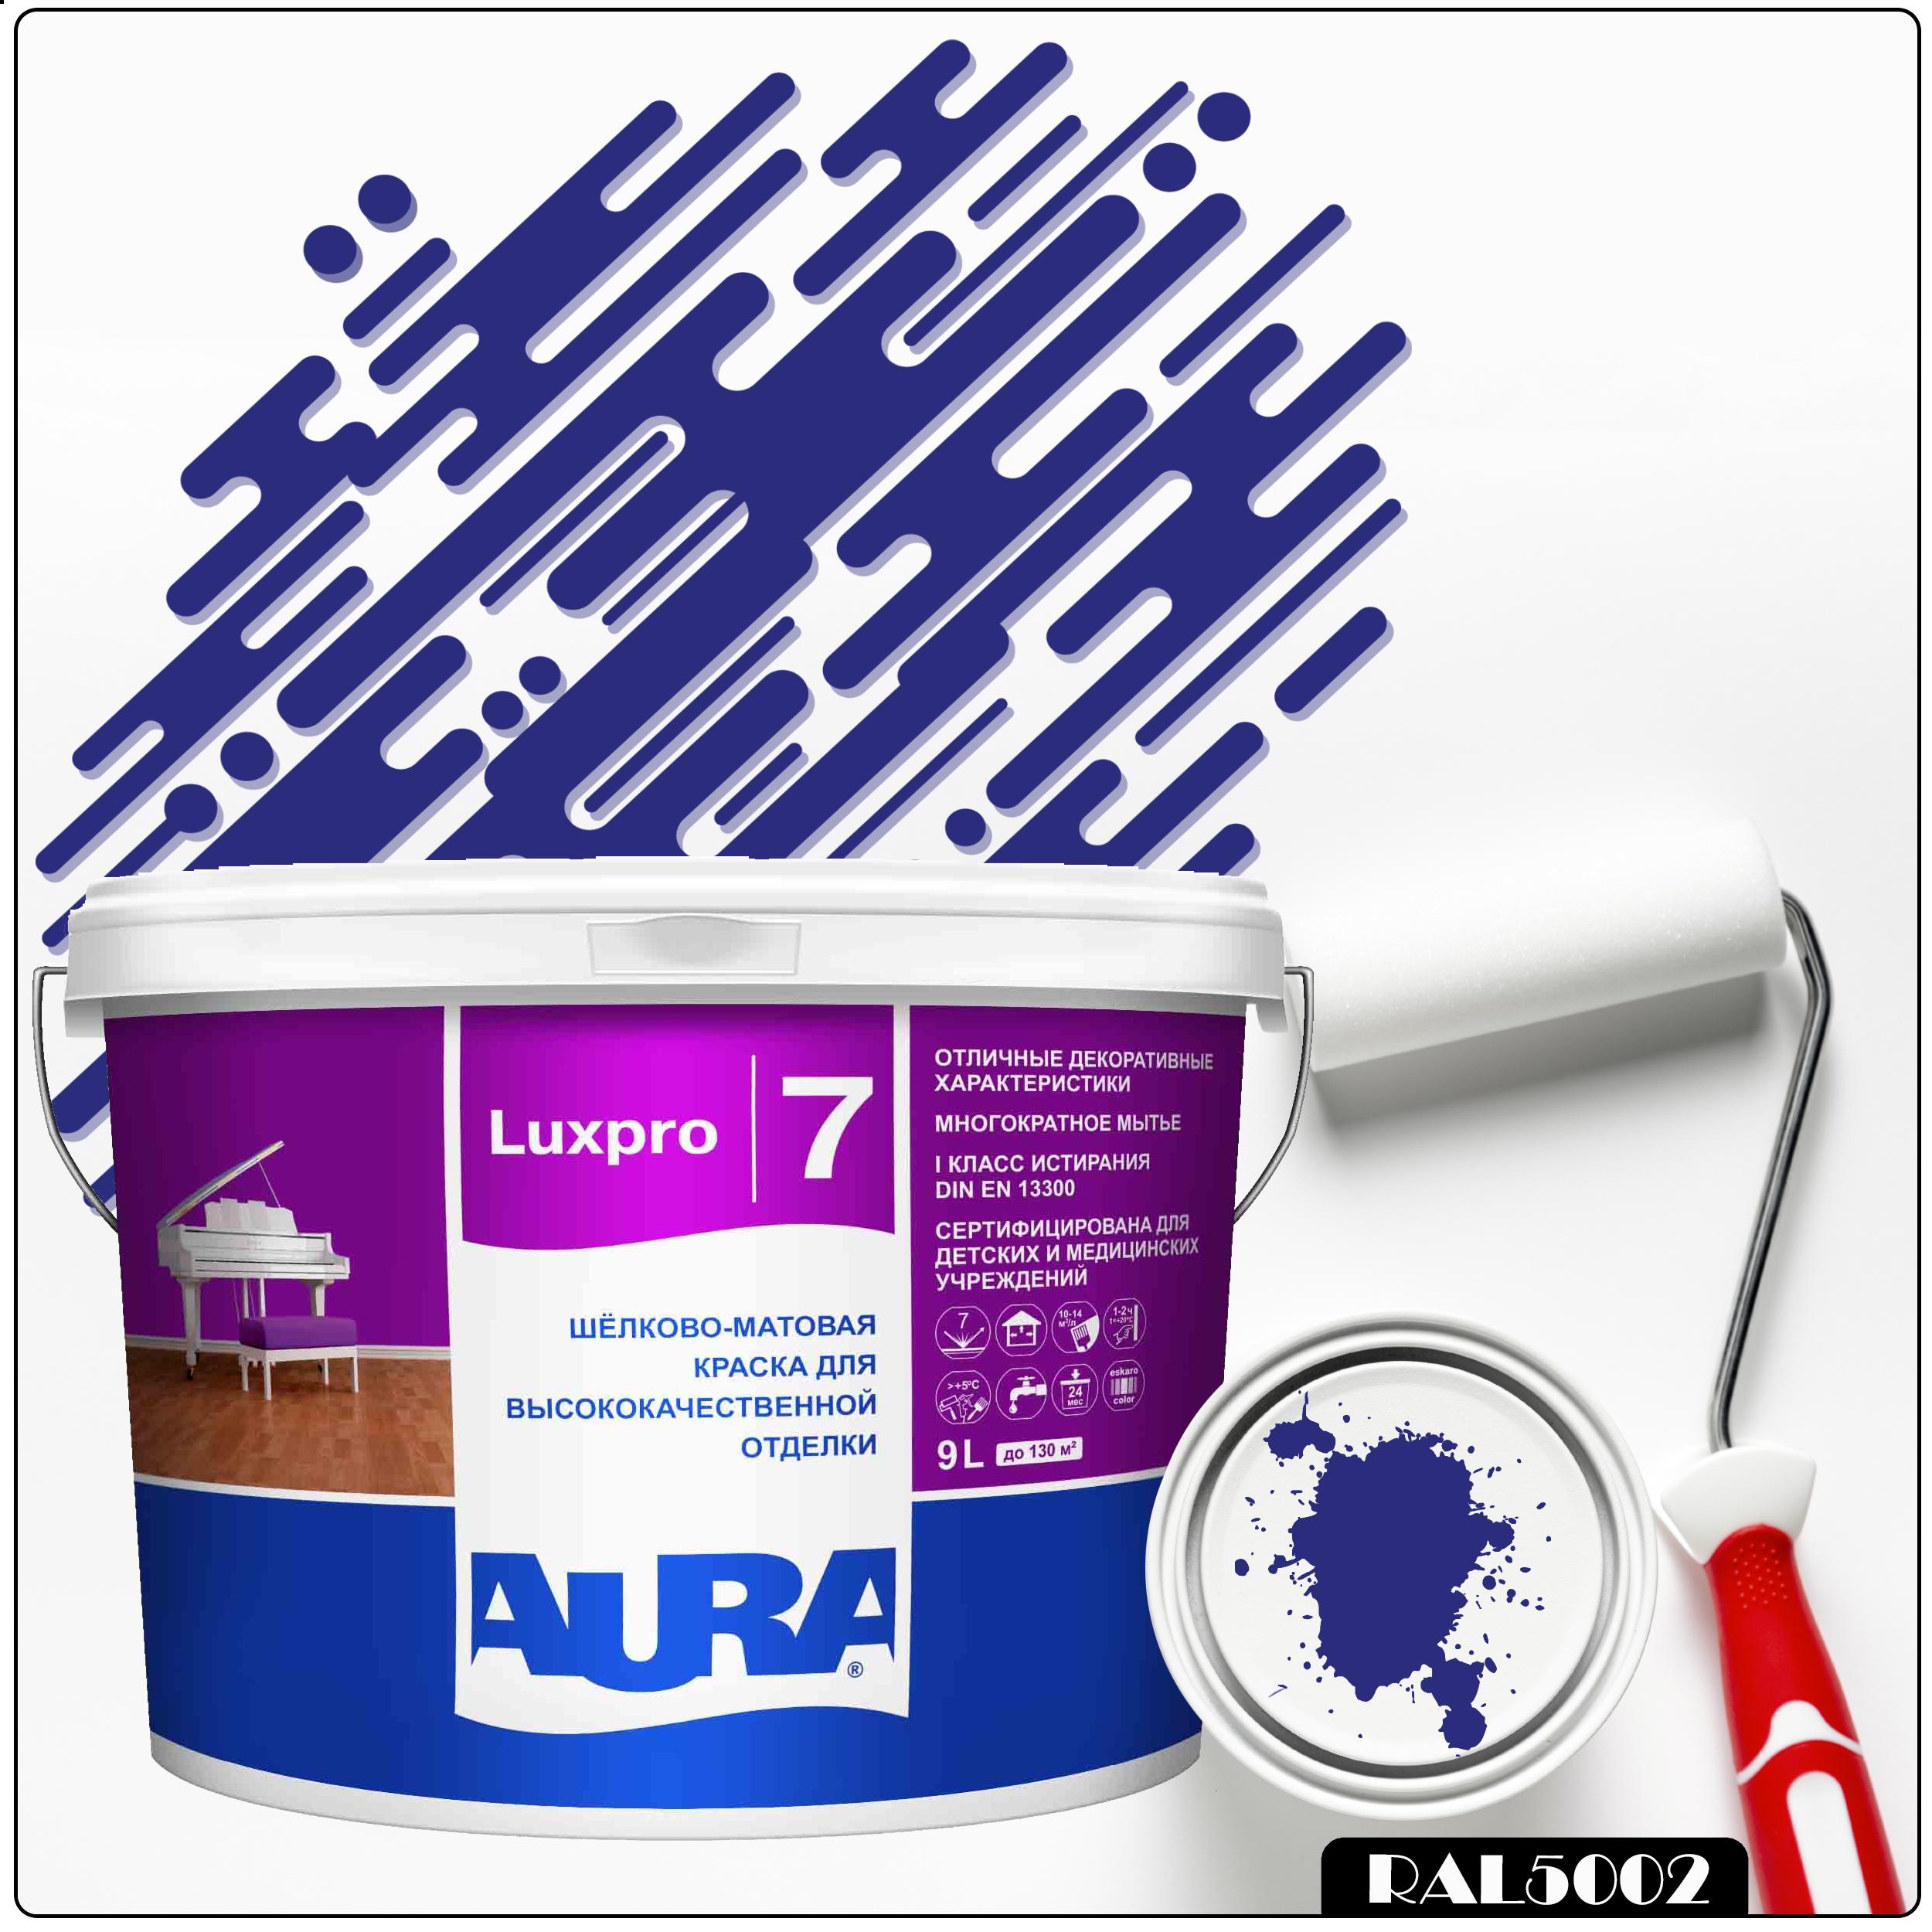 Фото 3 - Краска Aura LuxPRO 7, RAL 5002 Ультрамариново-синий, латексная, шелково-матовая, интерьерная, 9л, Аура.